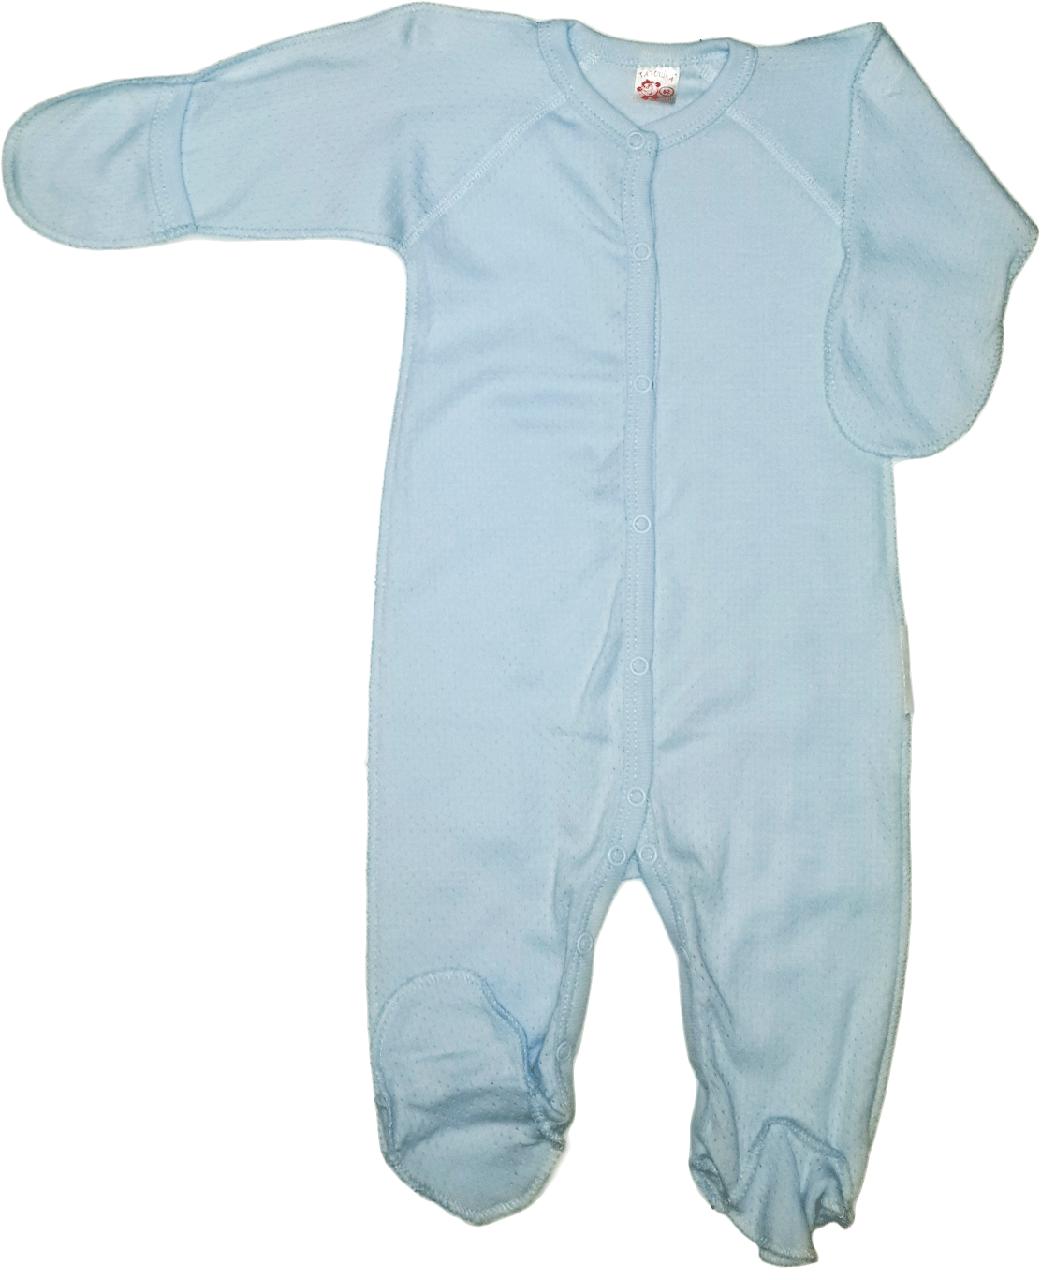 Комбинезон человечек для мальчика Татошка 151153 голубой с антицарапками без капюшона размер 62